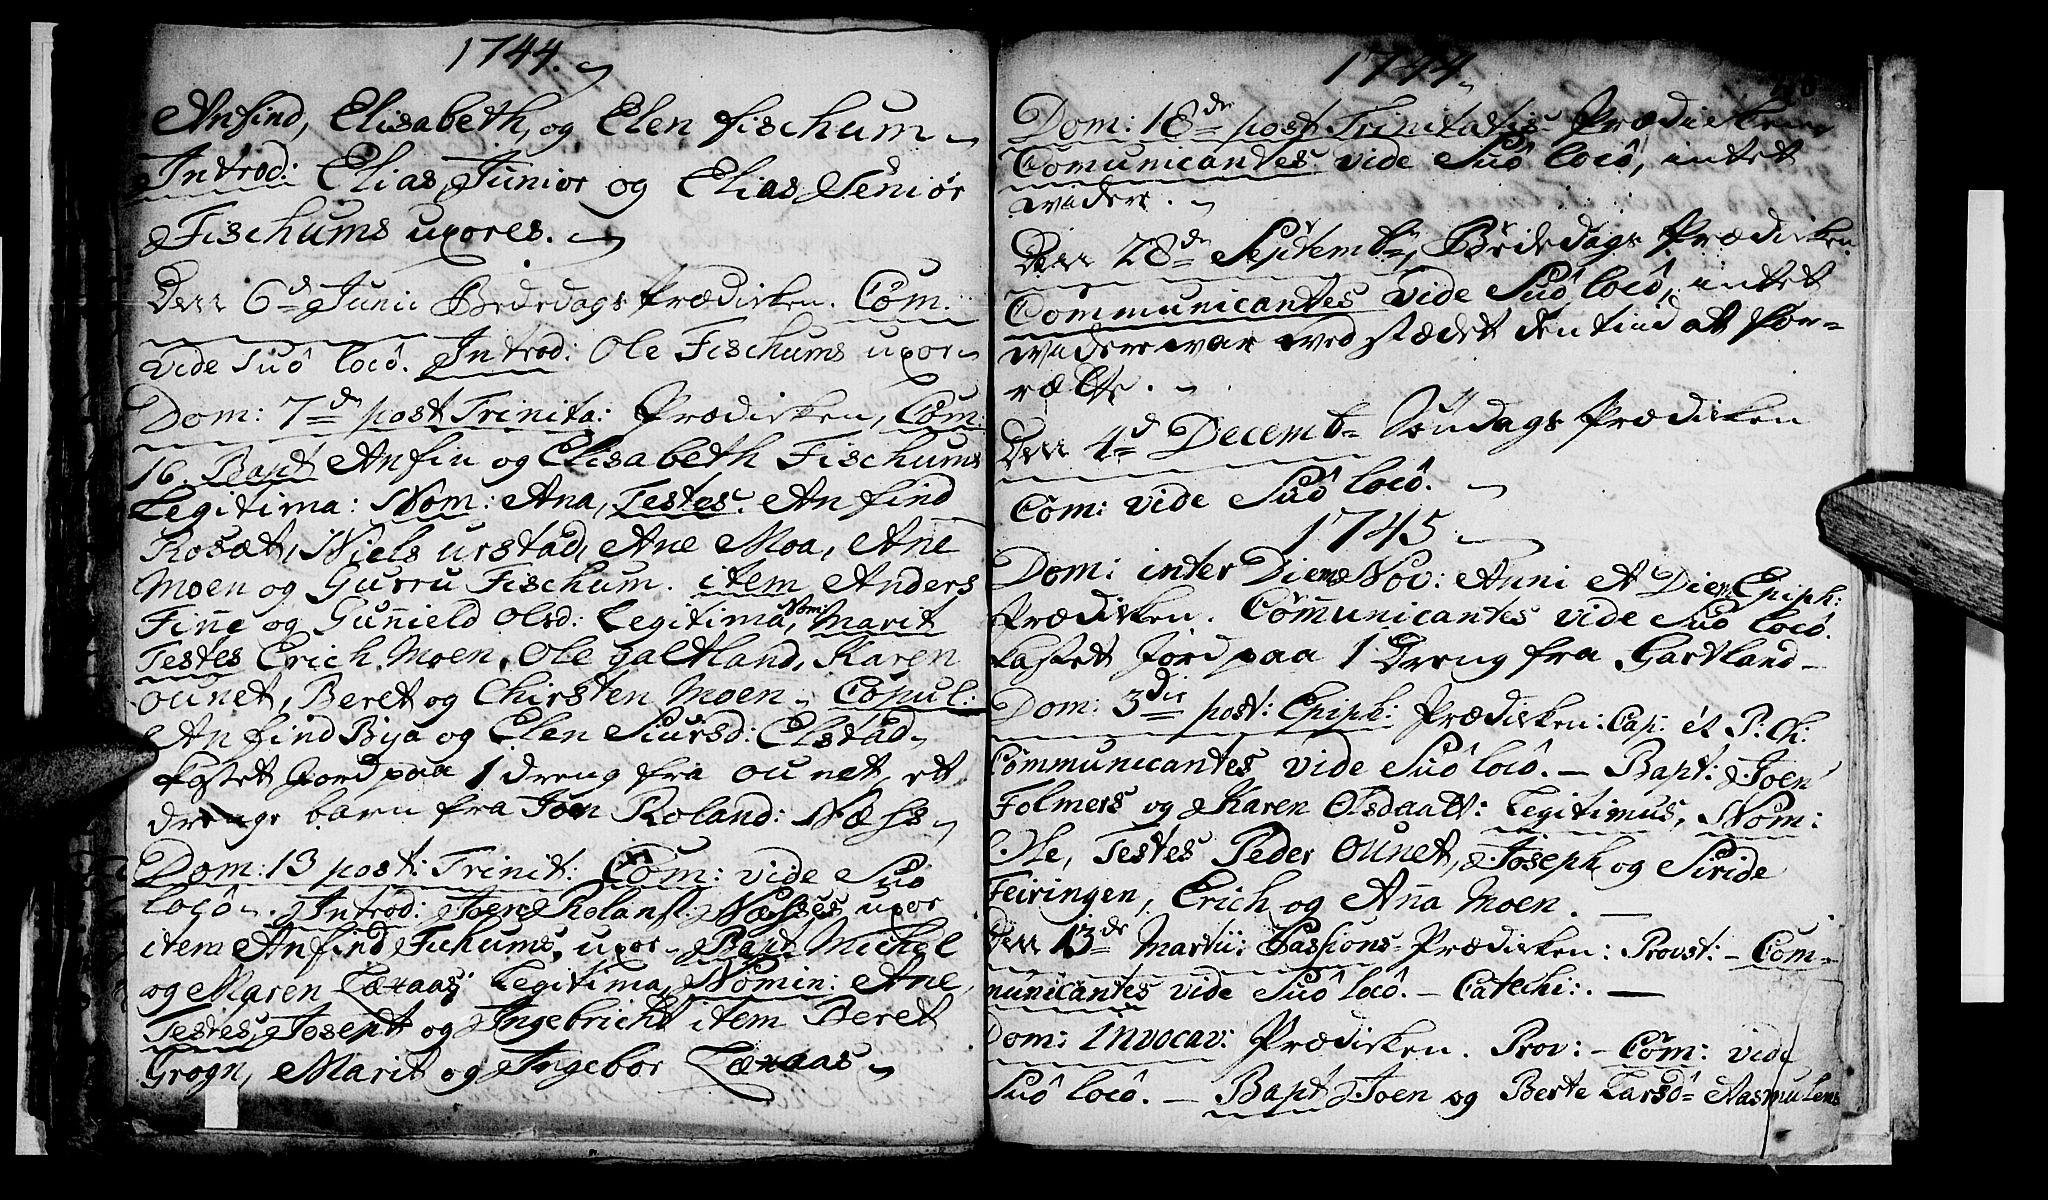 SAT, Ministerialprotokoller, klokkerbøker og fødselsregistre - Nord-Trøndelag, 759/L0525: Ministerialbok nr. 759A01, 1706-1748, s. 20